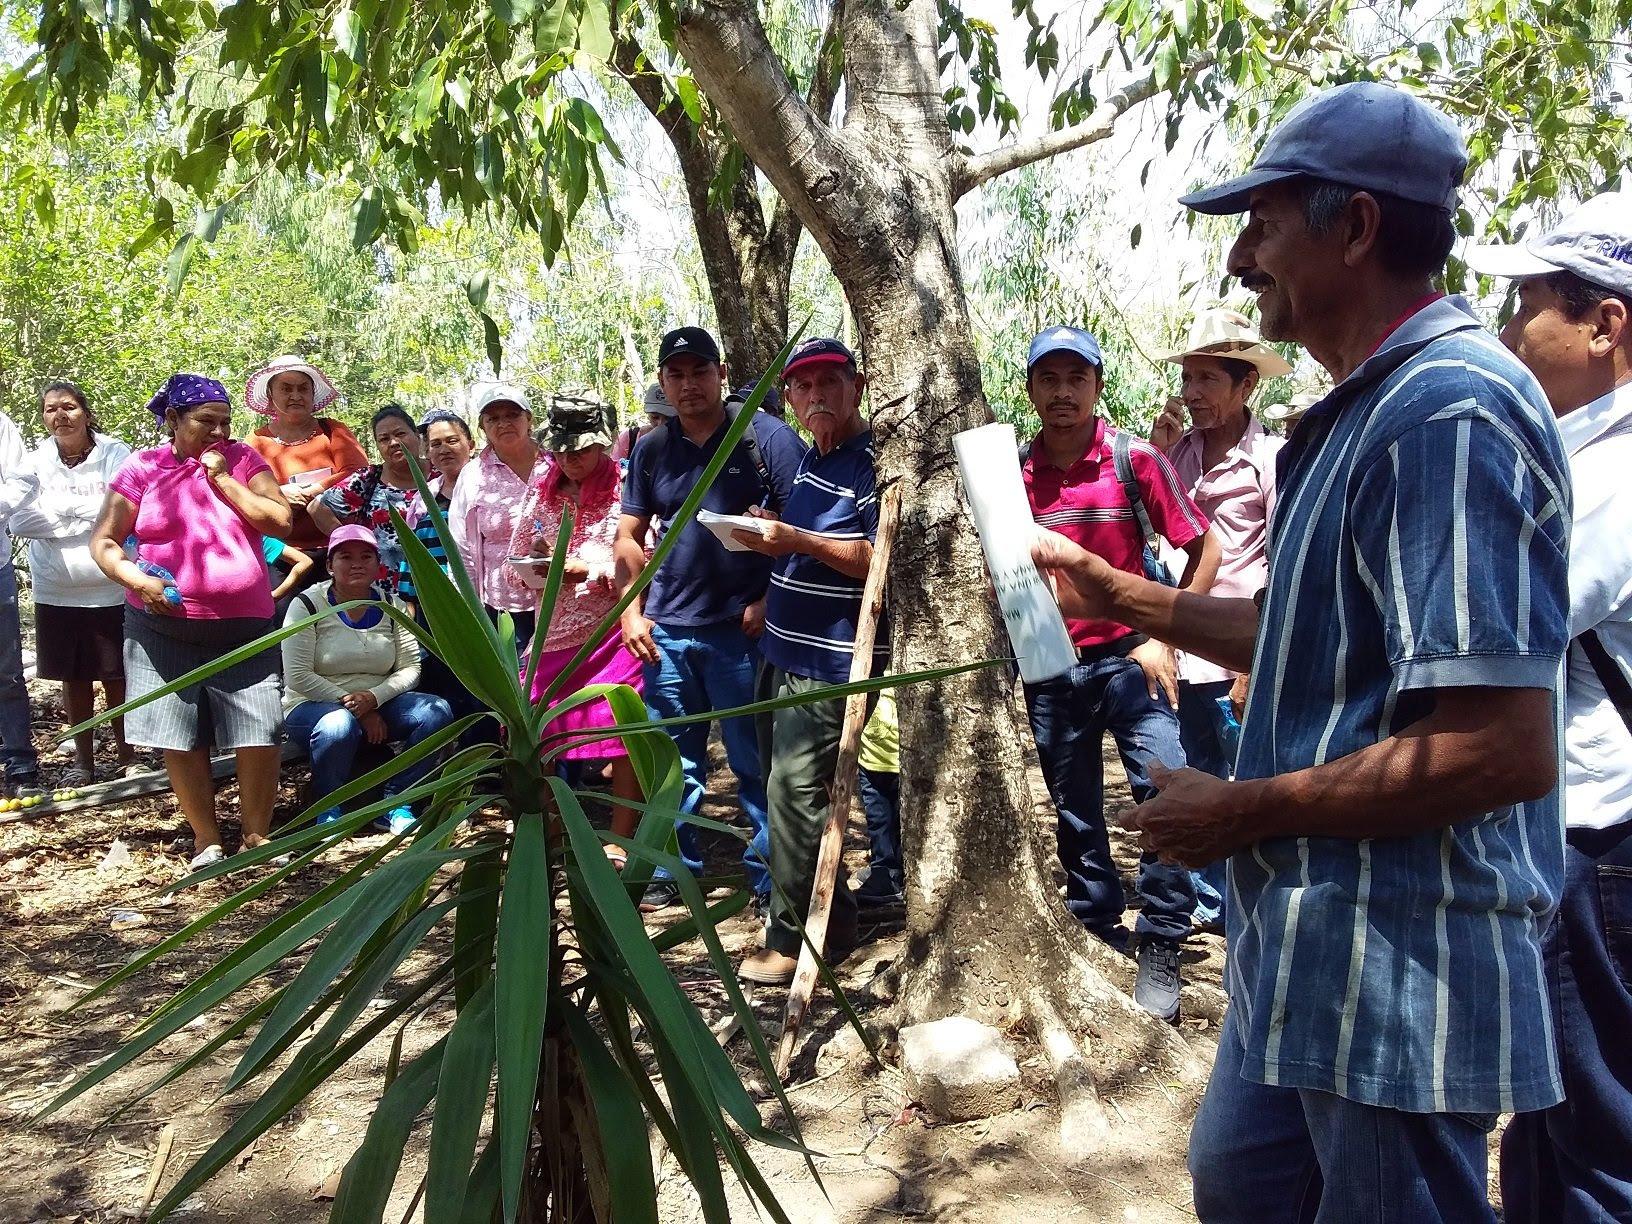 FAMILIAS PRODUCTORAS ATENDIDAS POR CENTA REALIZAN GIRA DE CAMPO PARA INTERCAMBIO DE CONOCIMIENTOS EN PRODUCCIÓN HORTÍCOLA